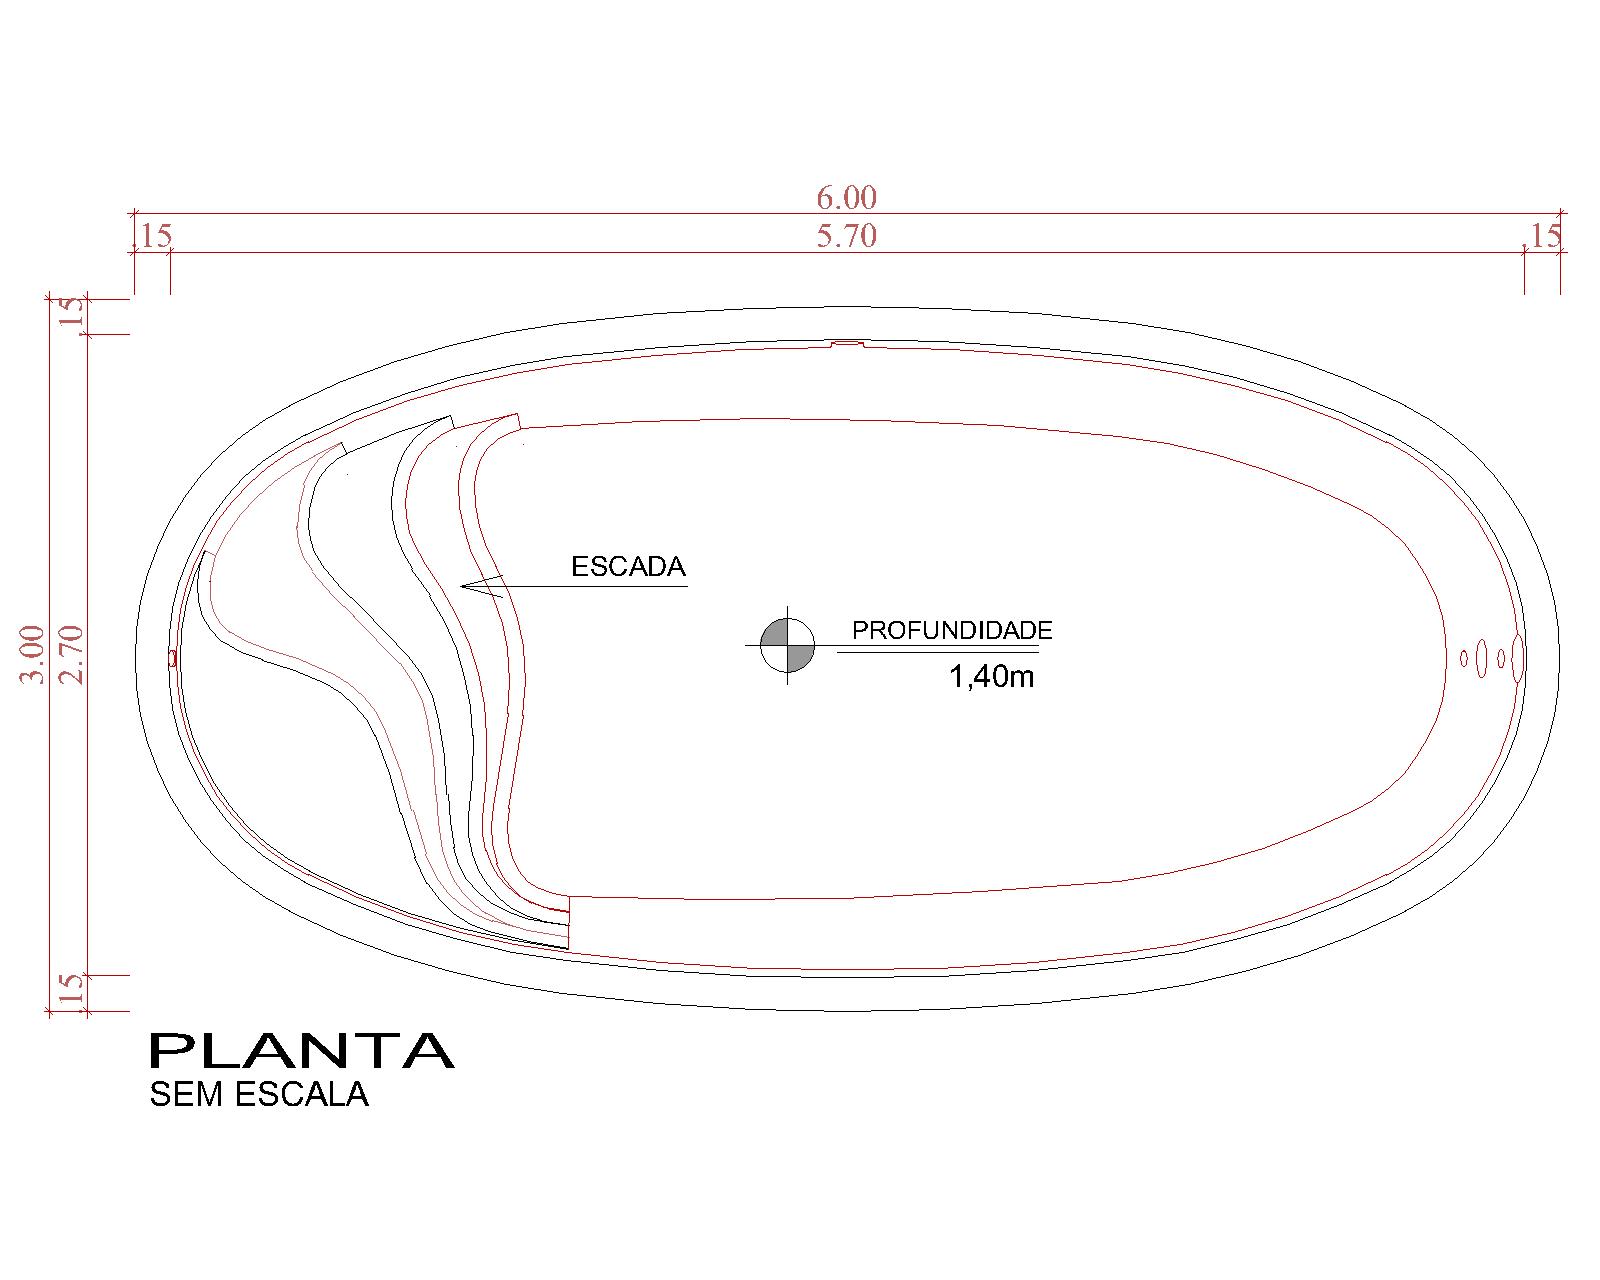 Desenho técnico Belize (sem escala)